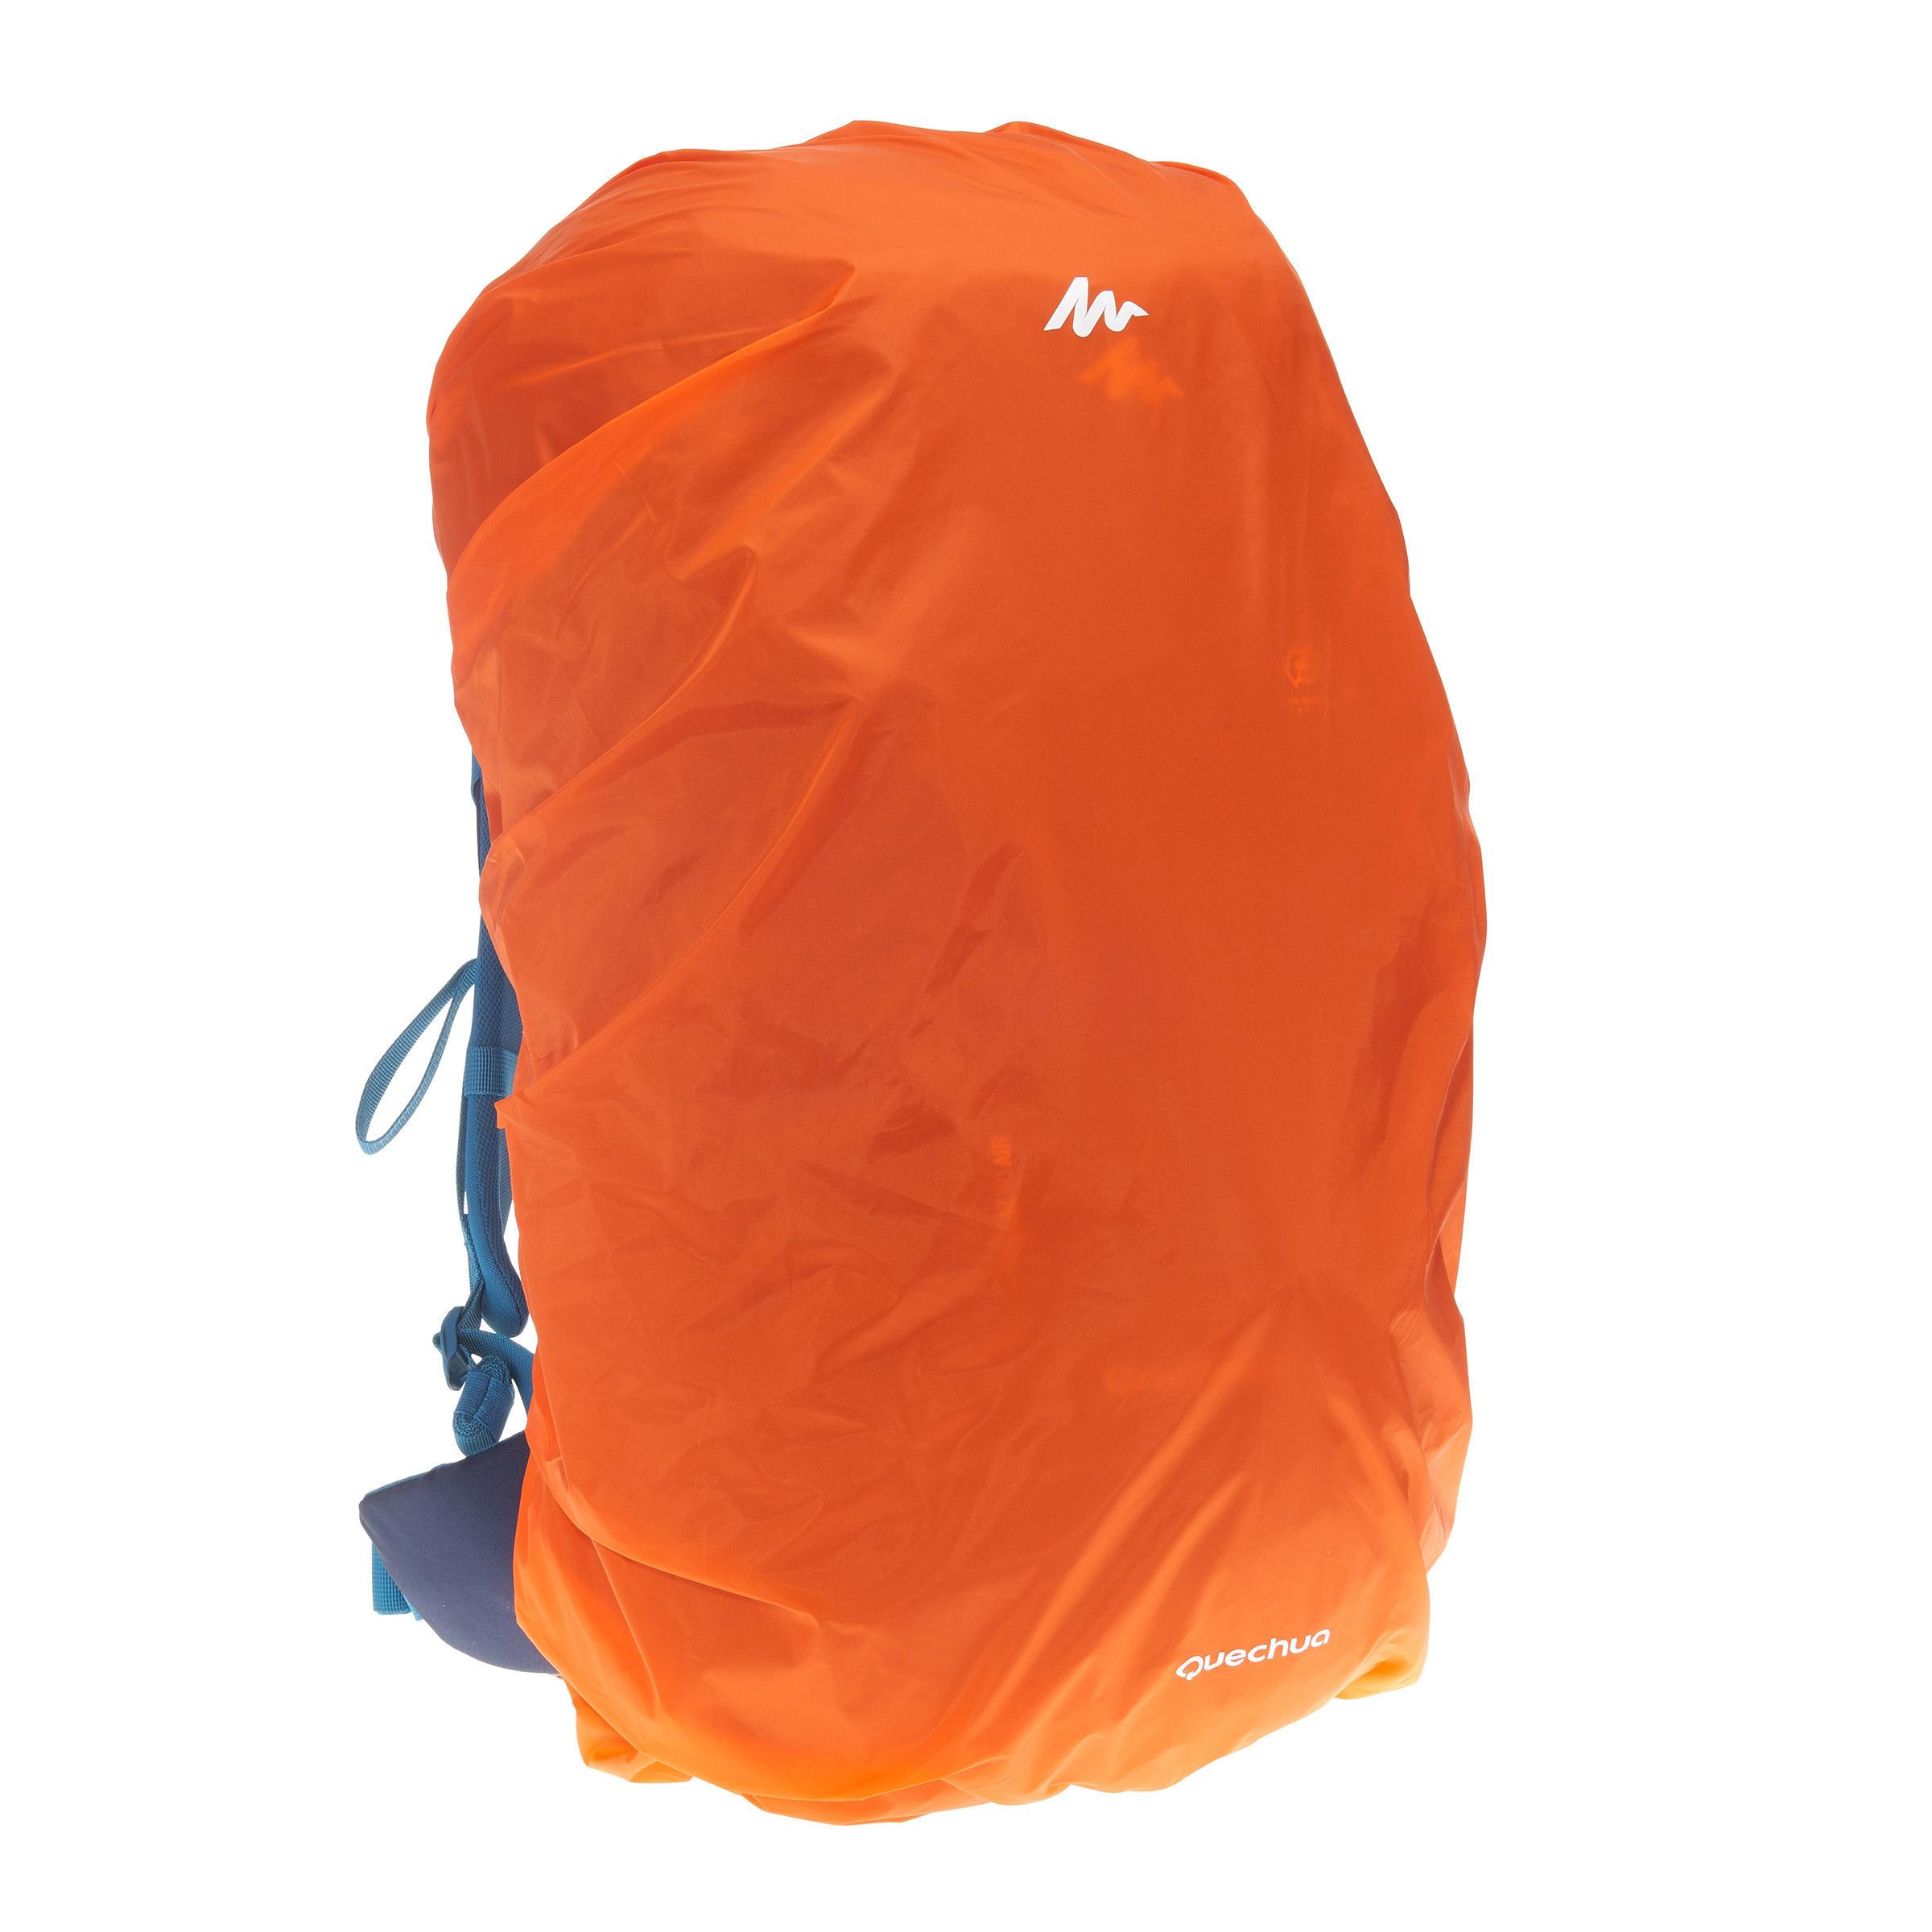 2a7856c49c2 Reisaccessoires kopen met korting. Forclaz – Sport accessoires – Hoes –  Regenhoes voor rugzak van 35 tot 50 ...